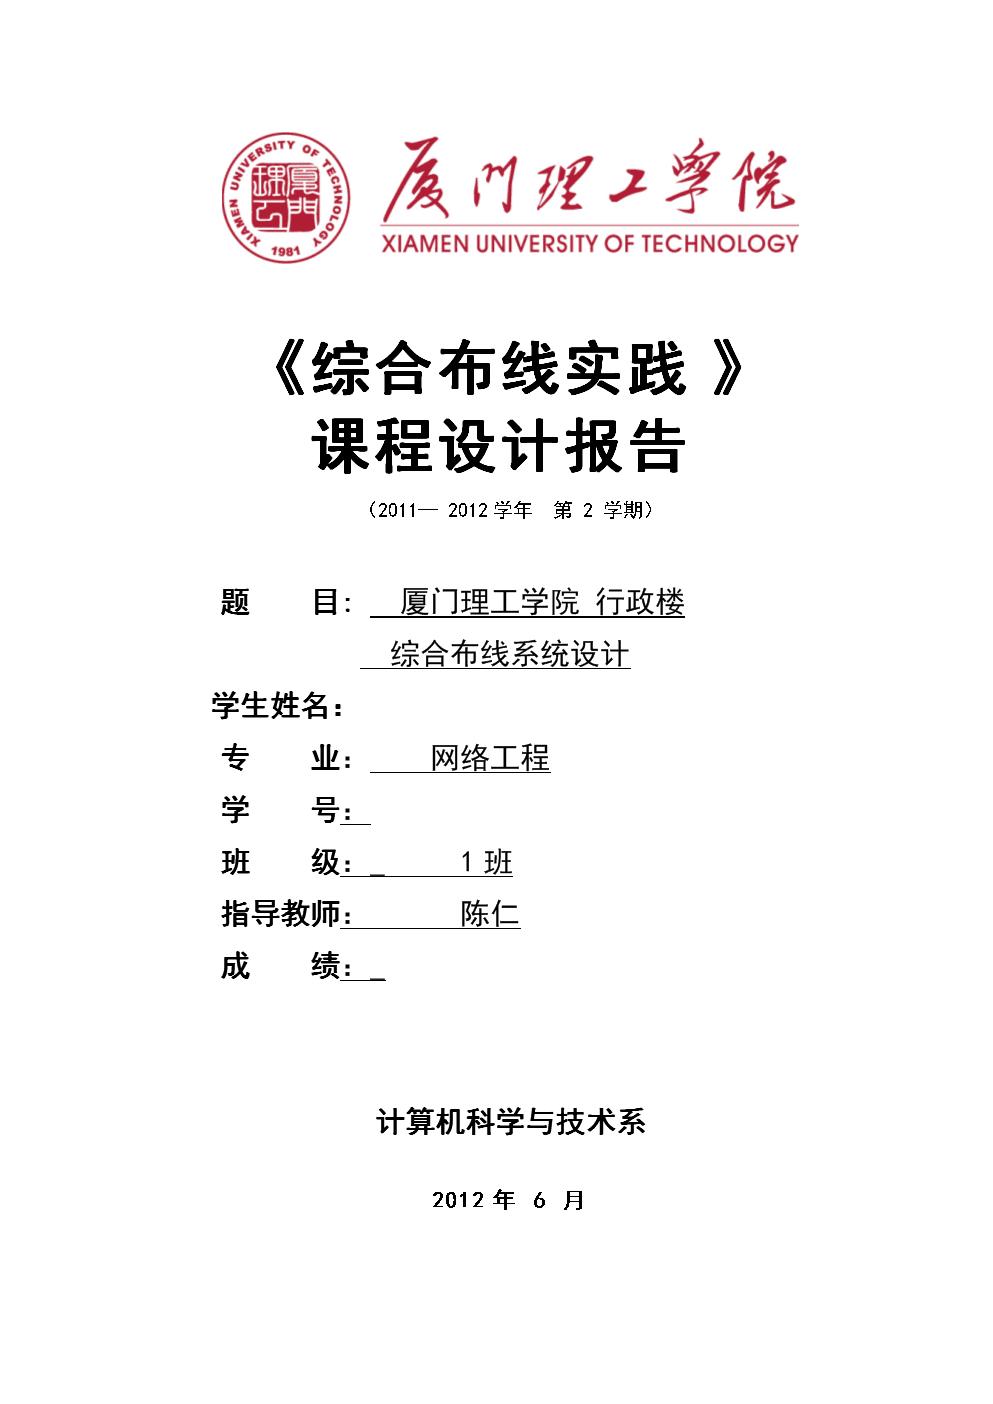 行政管理第一组_厦门理工学院行政楼综合布线系统设计OFFICE版.doc